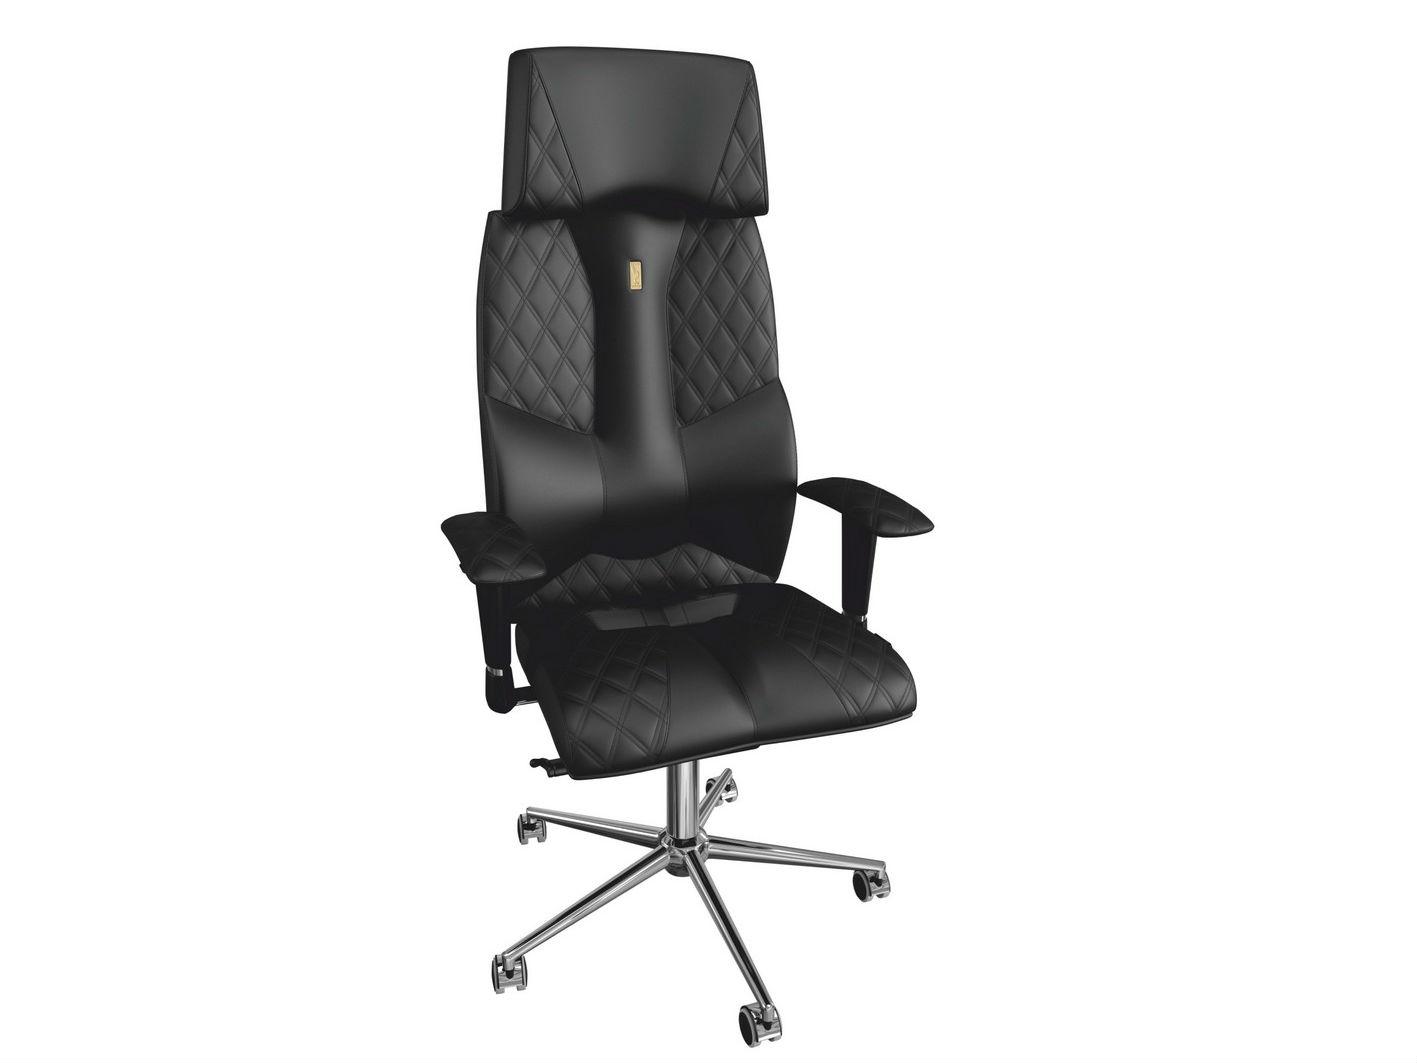 Кресло BUSINESSРабочие кресла<br>Совершенное сочетание элегантного дизайна и превосходного удобства. Благодаря особой спинке, которая поддерживает вас, и мягким регулируемым подлокотникам, это кресло способно создавать особую атмосферу комфорта на рабочем месте.&amp;amp;nbsp;<br><br>Material: Кожа<br>Length см: None<br>Width см: 72<br>Depth см: 54<br>Height см: 149<br>Diameter см: None